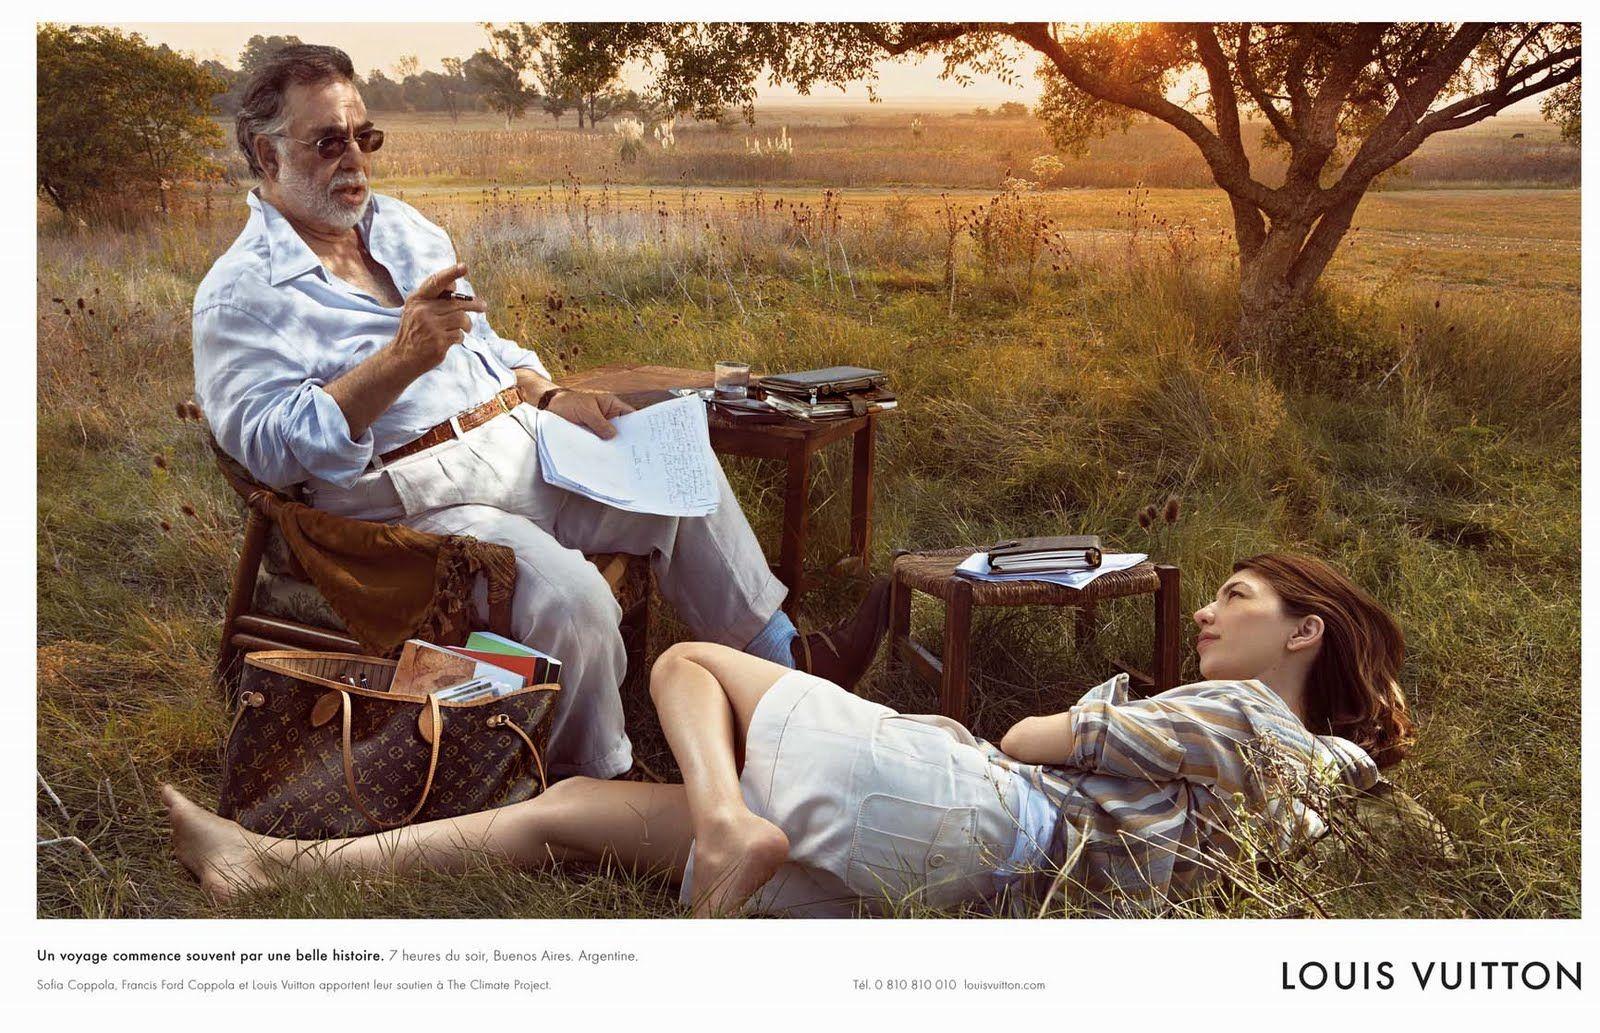 Francis Ford Coppola « Il y a un beau voyage en chaque histoire »